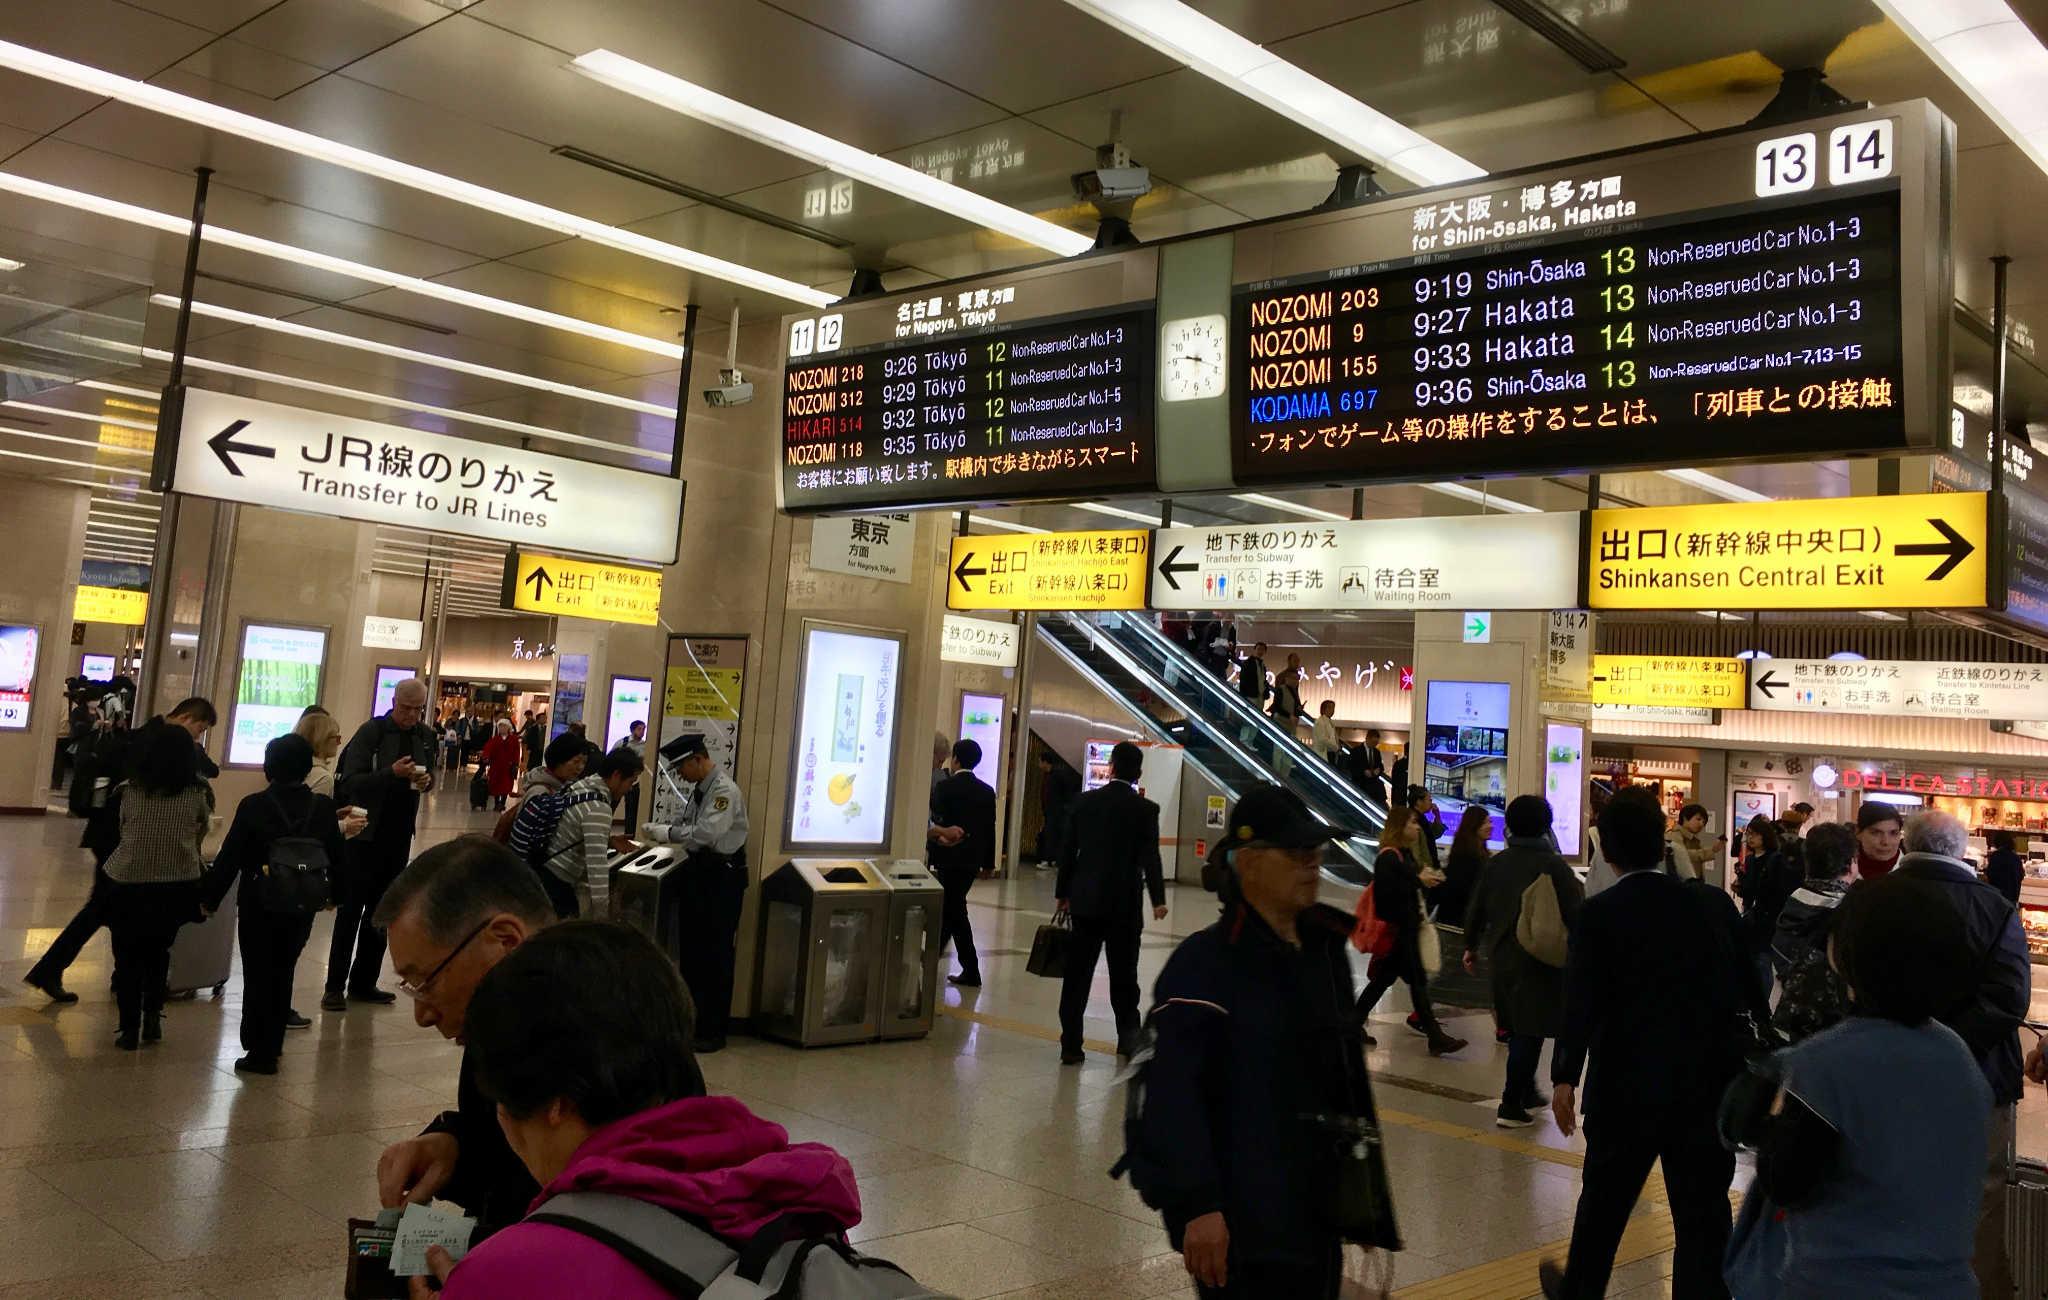 De grands panneaux d'affichage enn japonais et en anglais permettent de savoir vers quel quai vous diriger